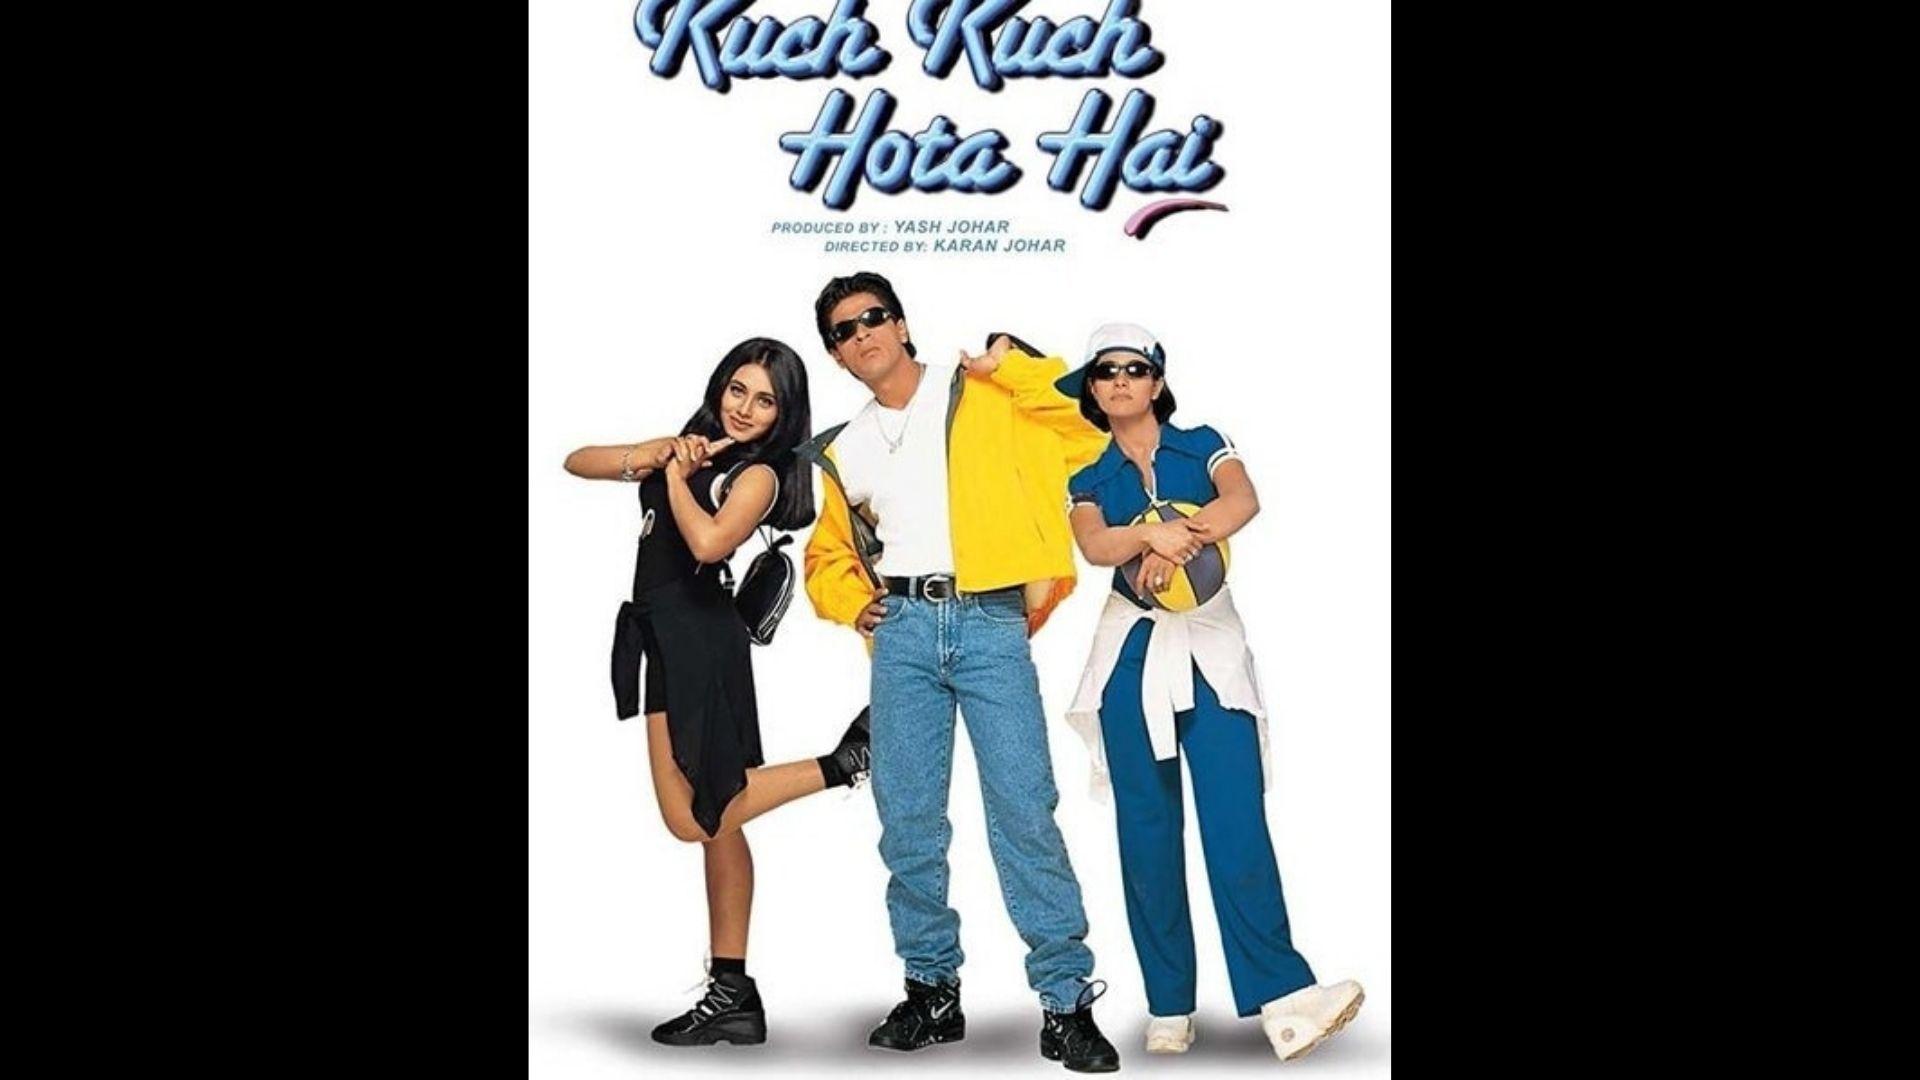 Kuch Kuch Hota Hai Clocks 23: Director Karan Johar Thanks Shah Rukh Khan, Rani Mukerji And Kajol After Achieving The Milestone